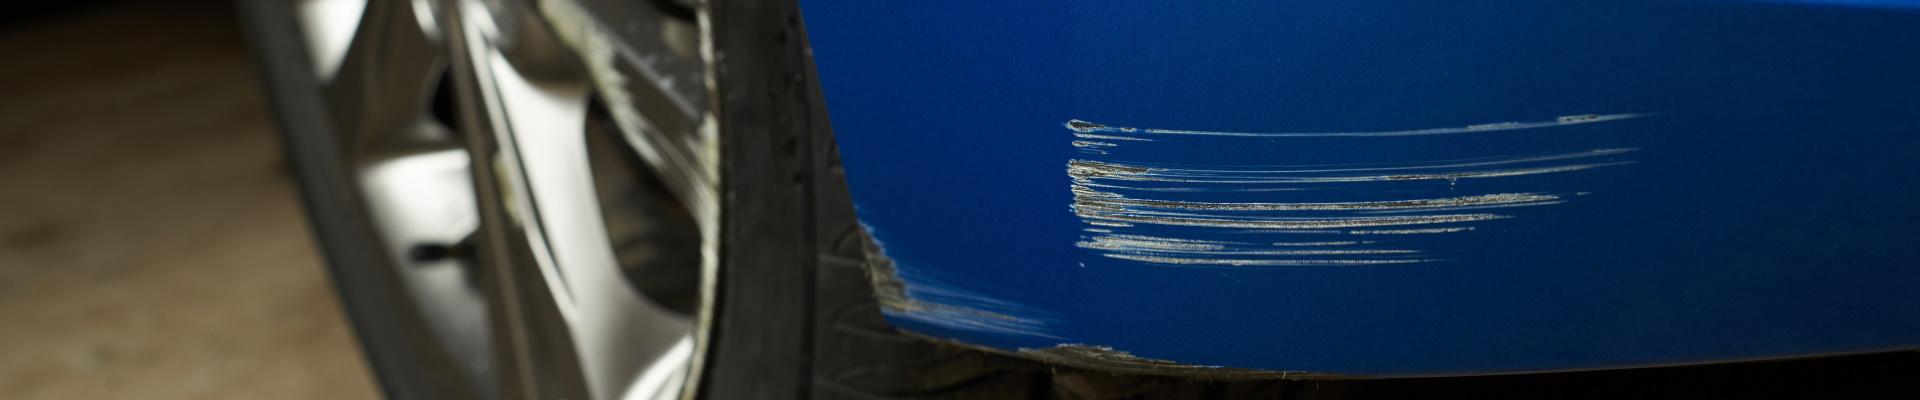 come rimuovere graffi auto